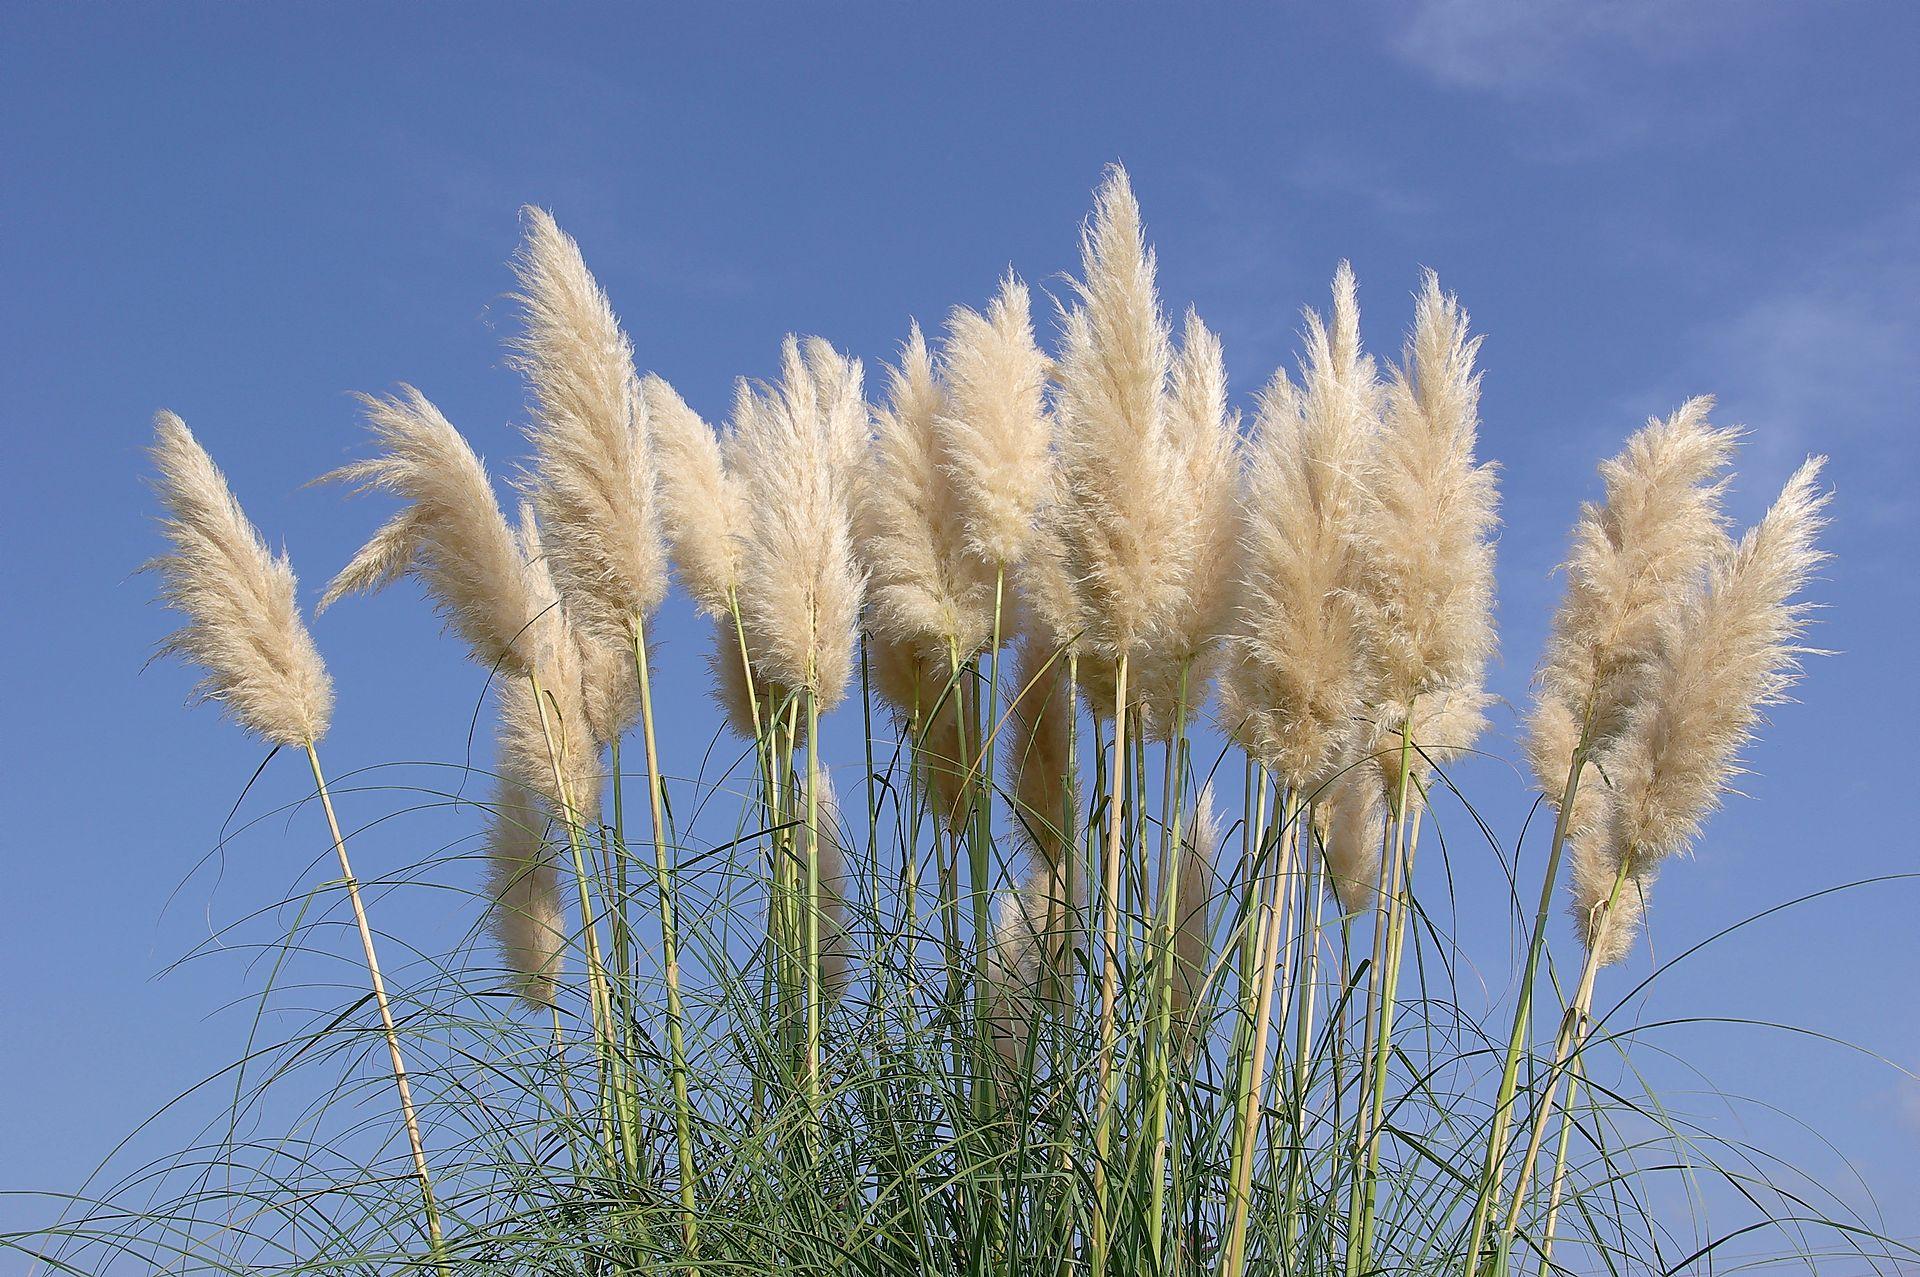 Det populära (men opraktiska) pampas-gräset